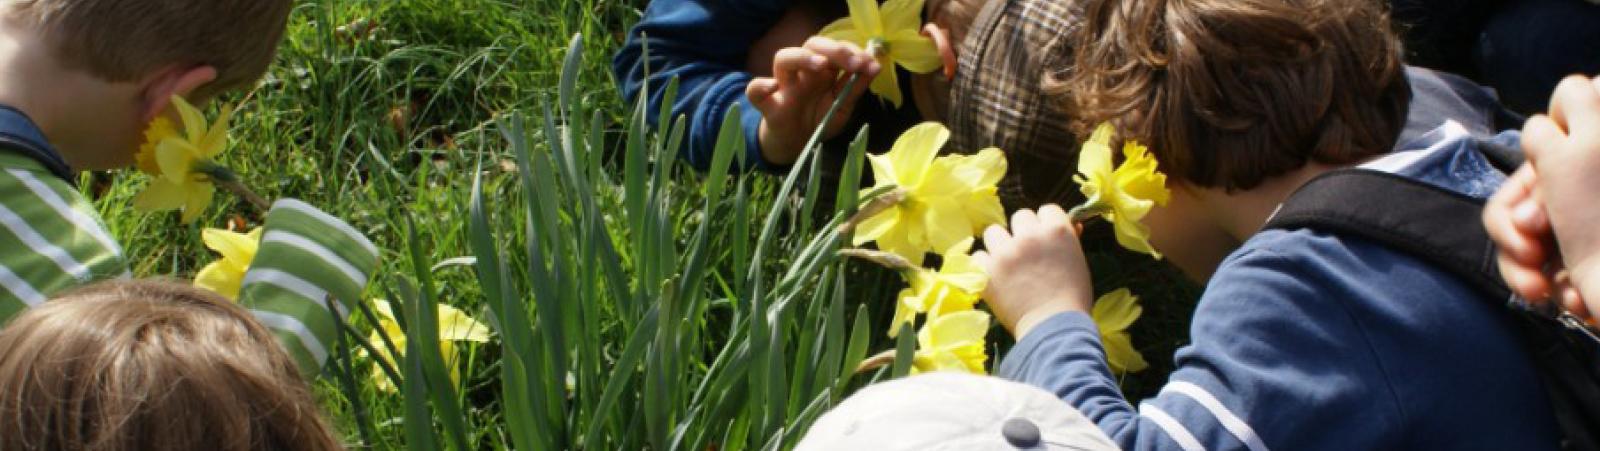 ABGESAGT - Gartenmusik für Kinder